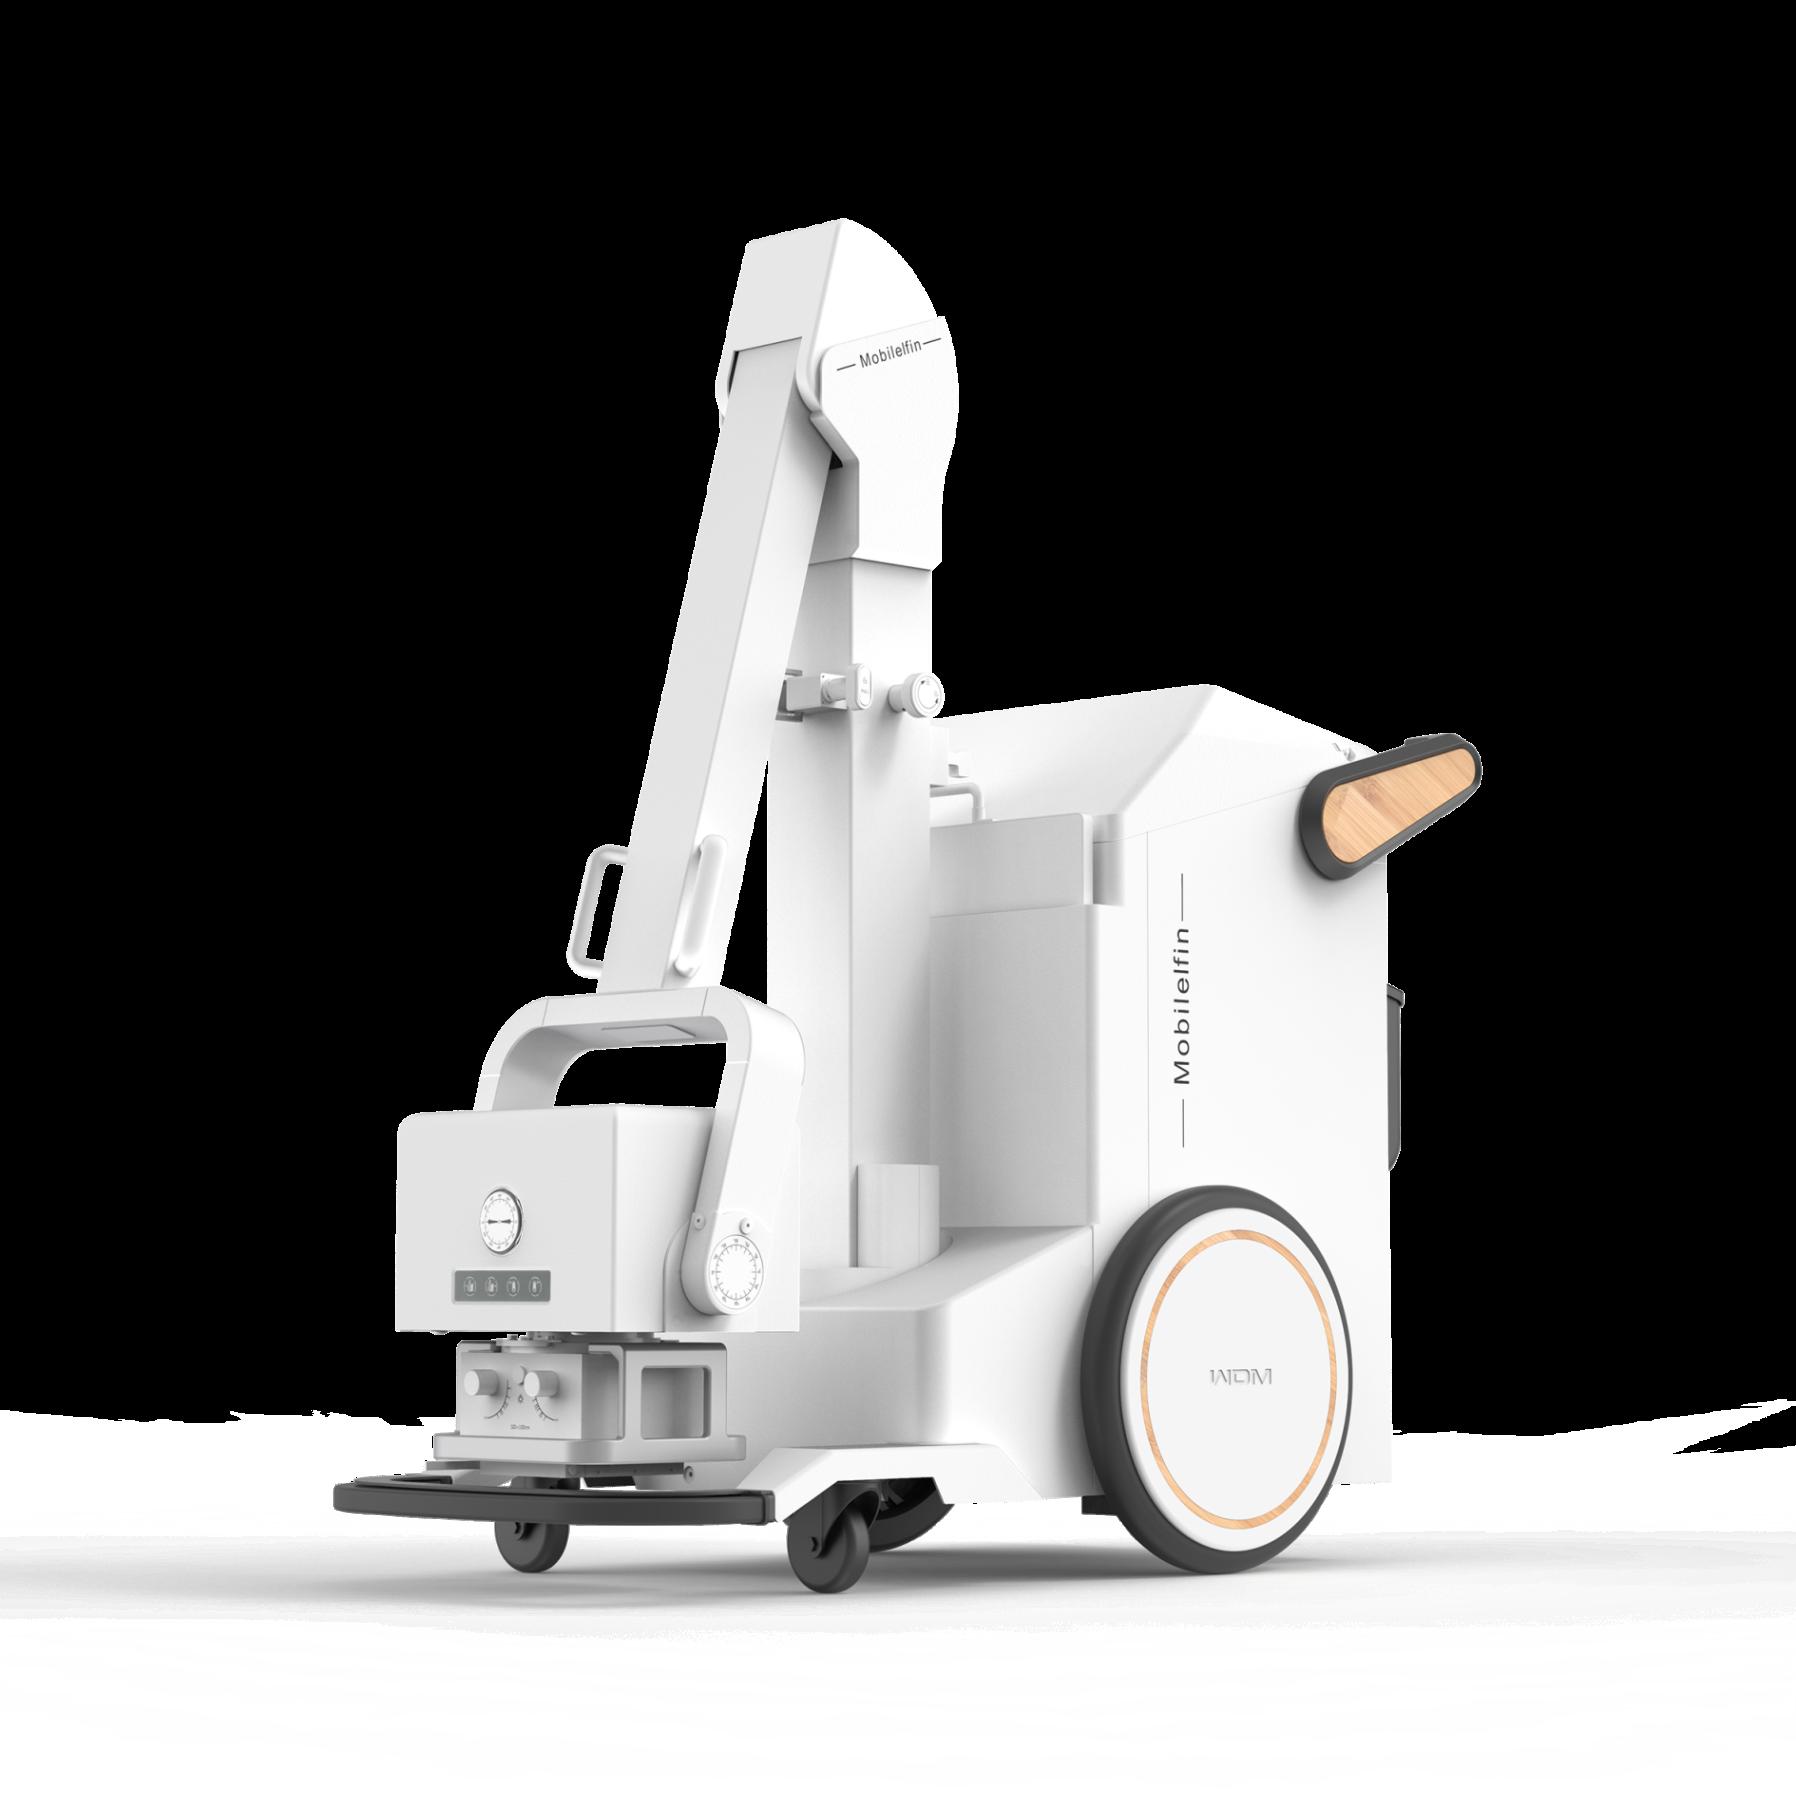 Die digitalen mobilen Röntgeneinheiten von Wandong sind extrem kompakt. Transport und Bedienung können durch eine Person erfolgen, nötige Komponenten wie Röntgendetektor, Röntgengenerator und Laptop mit Bildverarbeitungssoftware sind im Gerät vereint